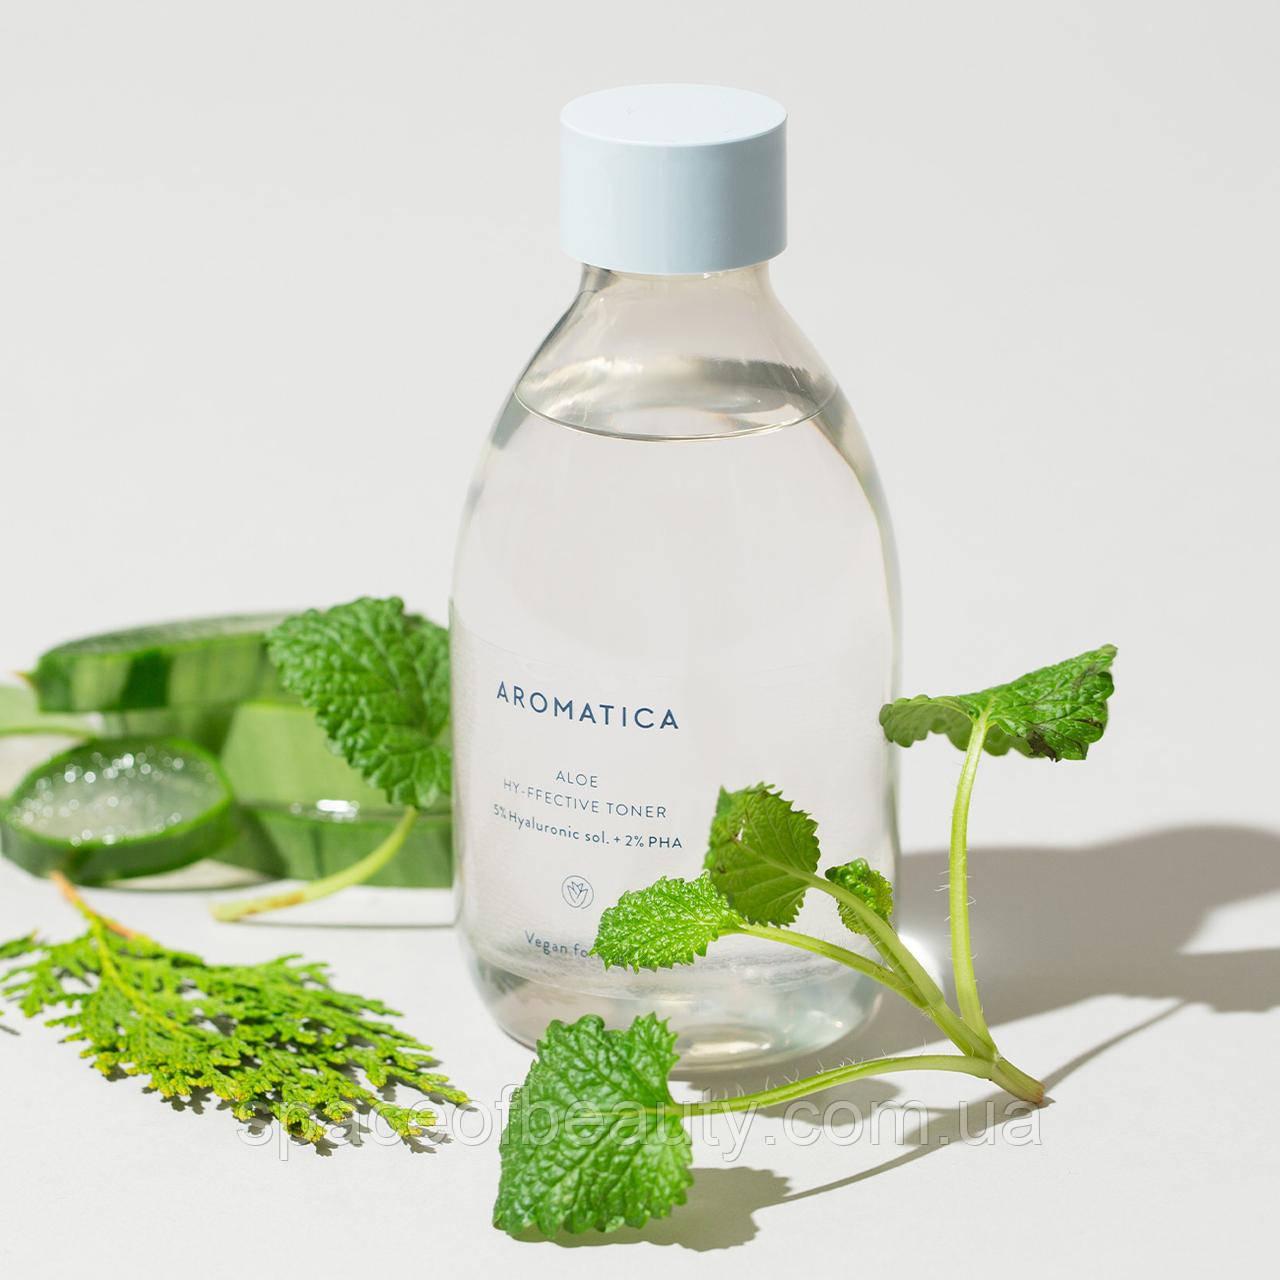 Тонер с гиалуроновой 5% и PHA 2% кислотой Aromatica Aloe Hy-ffective Toner 200 ml